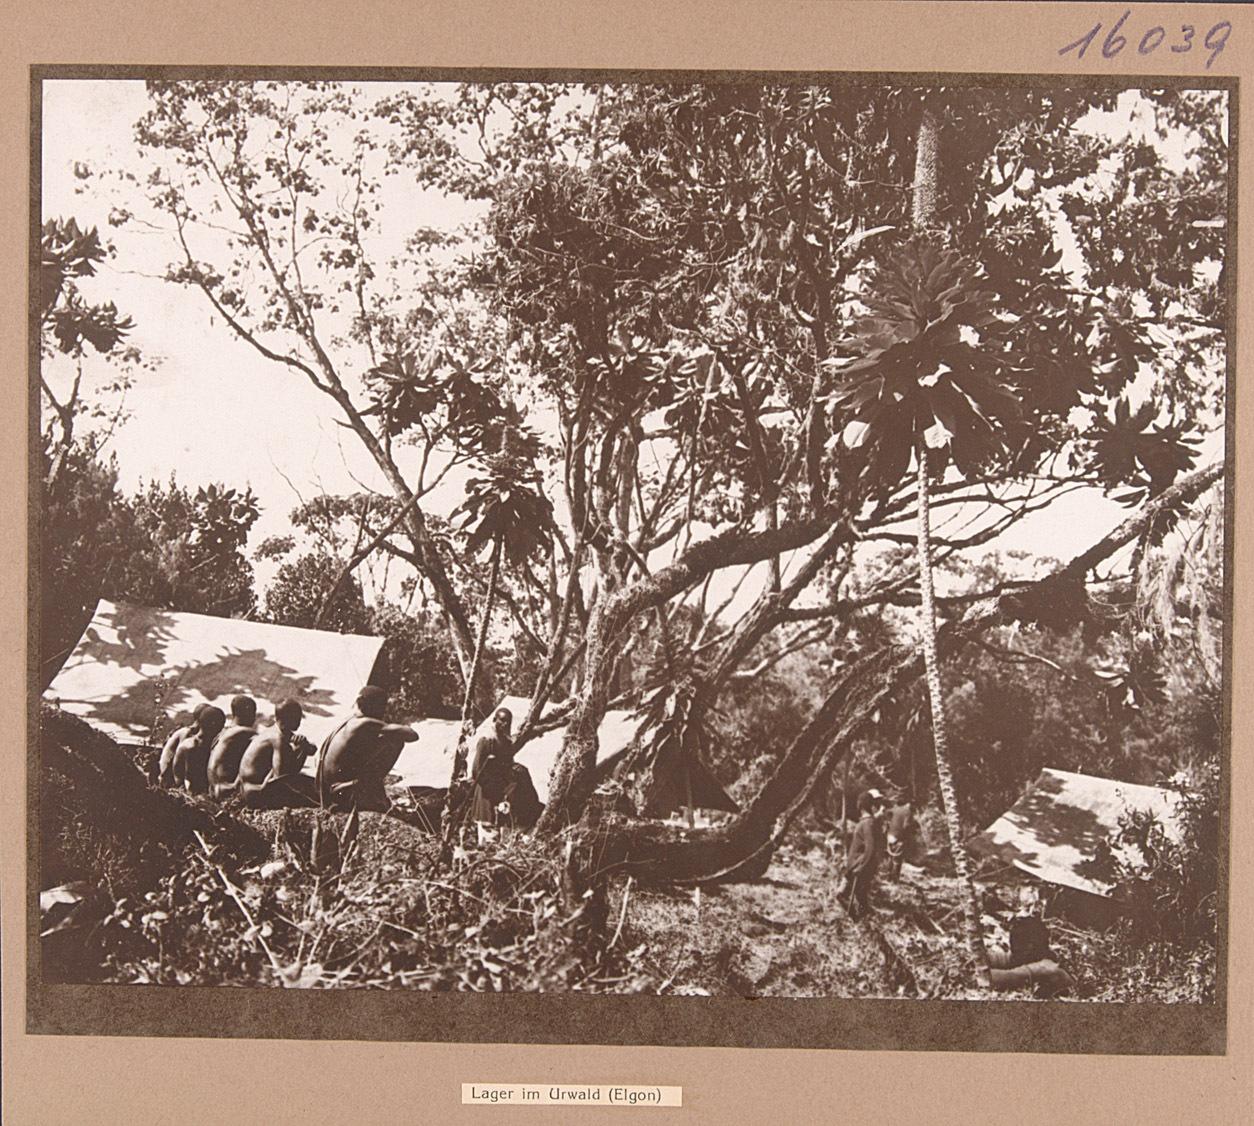 Lager im Urwald (Elgon) von Rudolf Kmunke